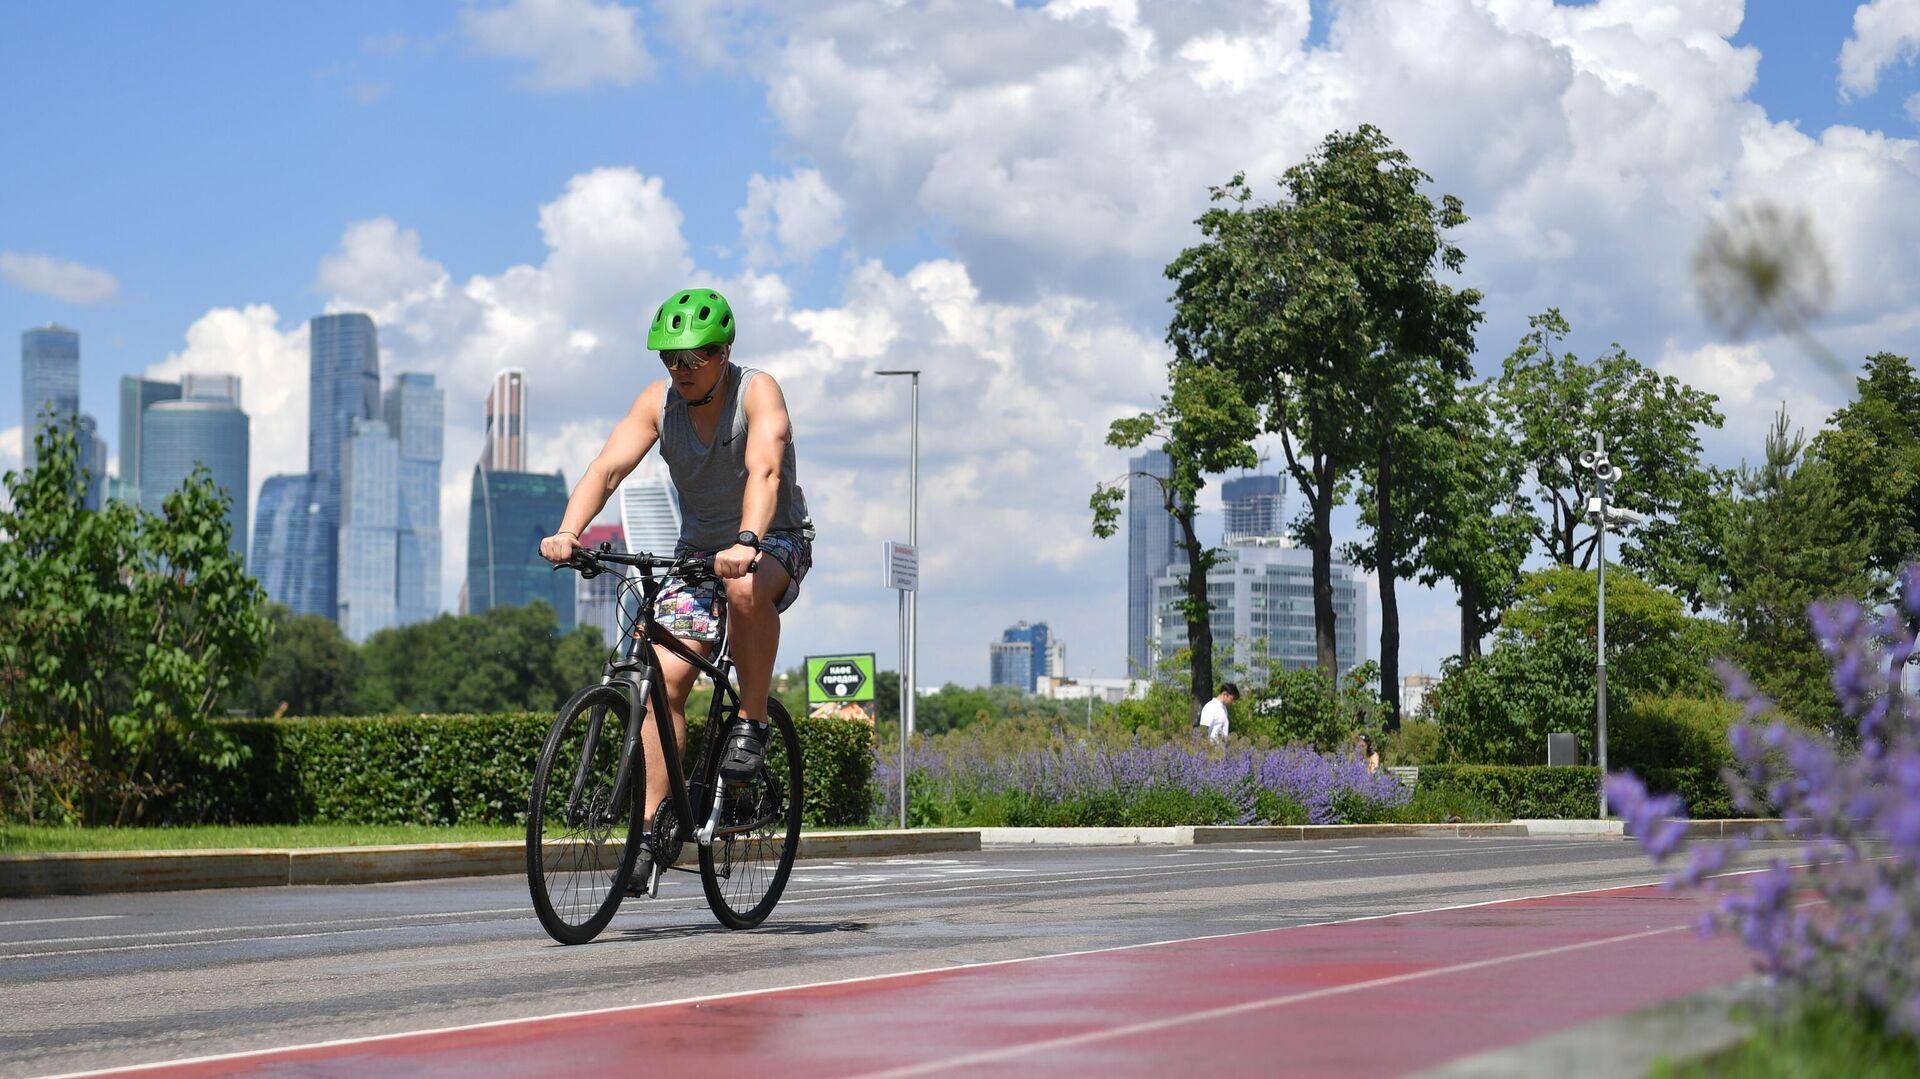 Велосипедист на Лужнецкой набережной в Москве - РИА Новости, 1920, 30.07.2021